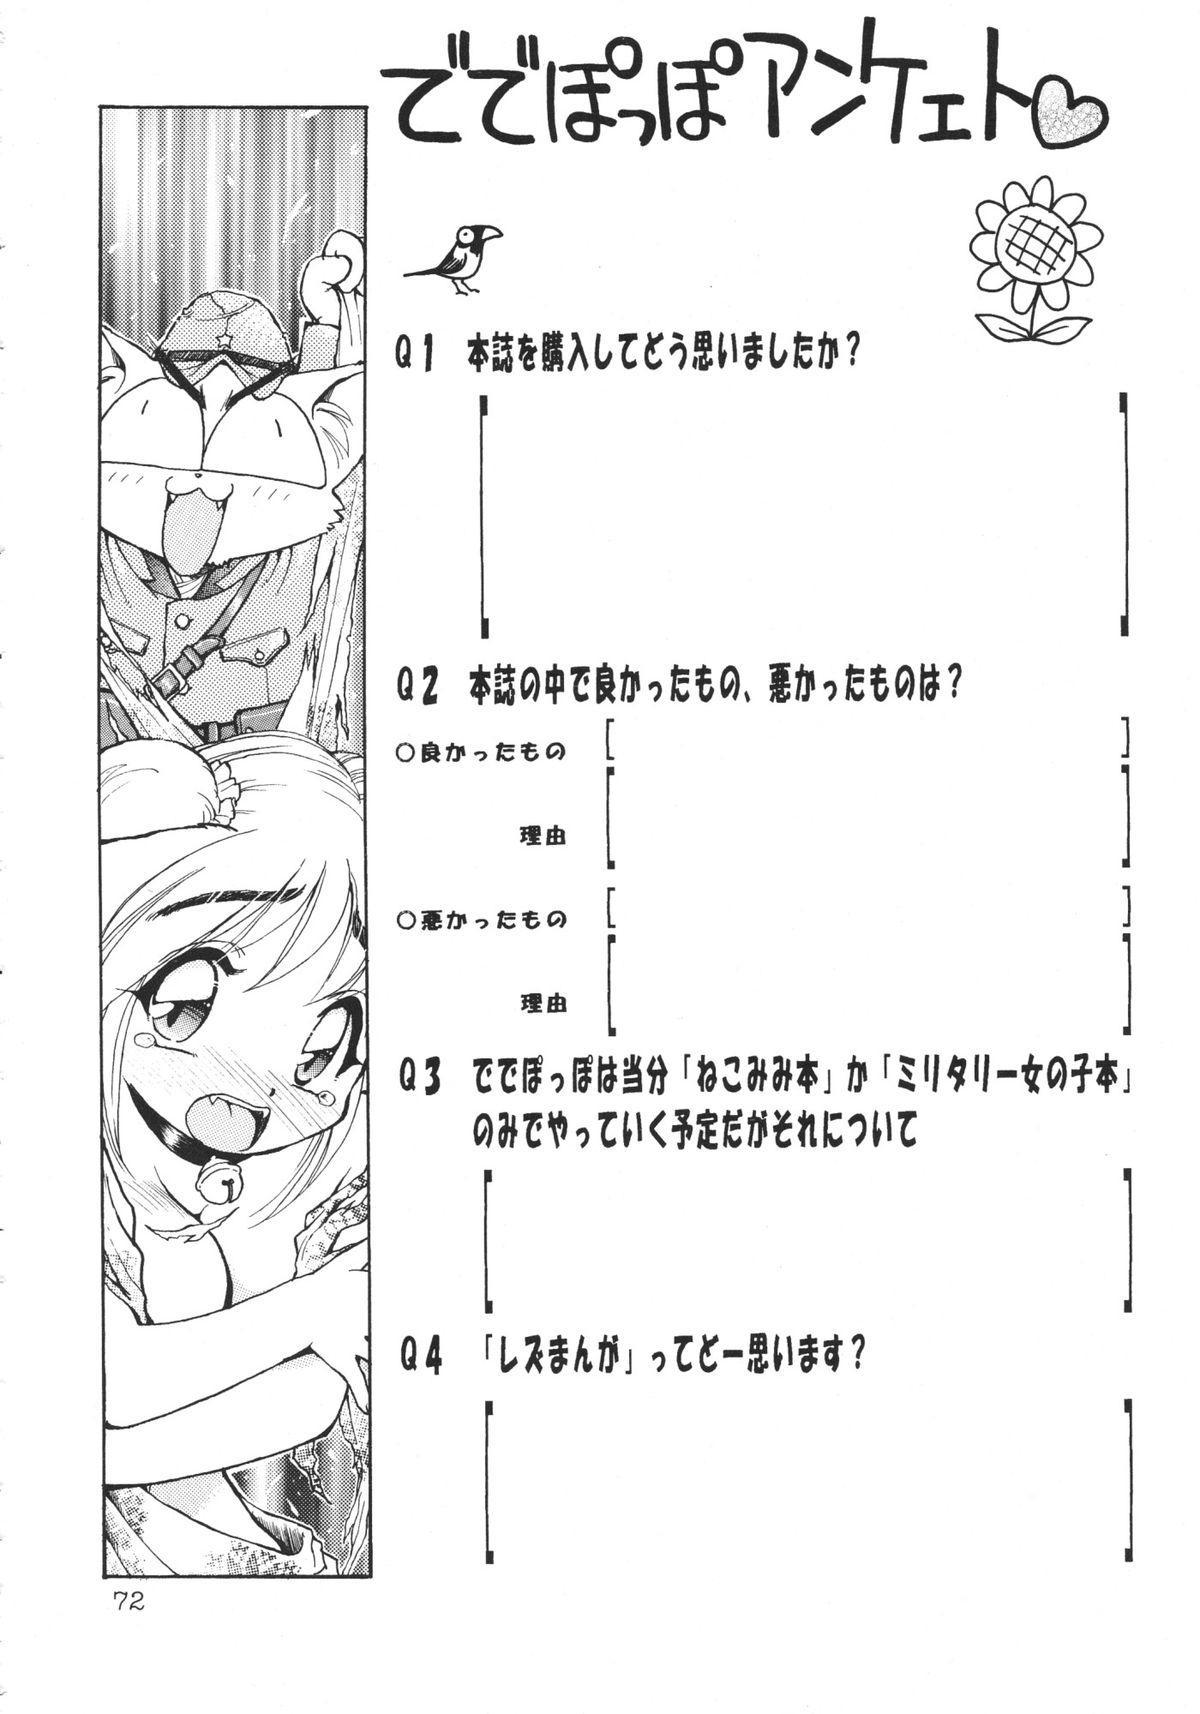 Uwasa no Neko Shuukai 70